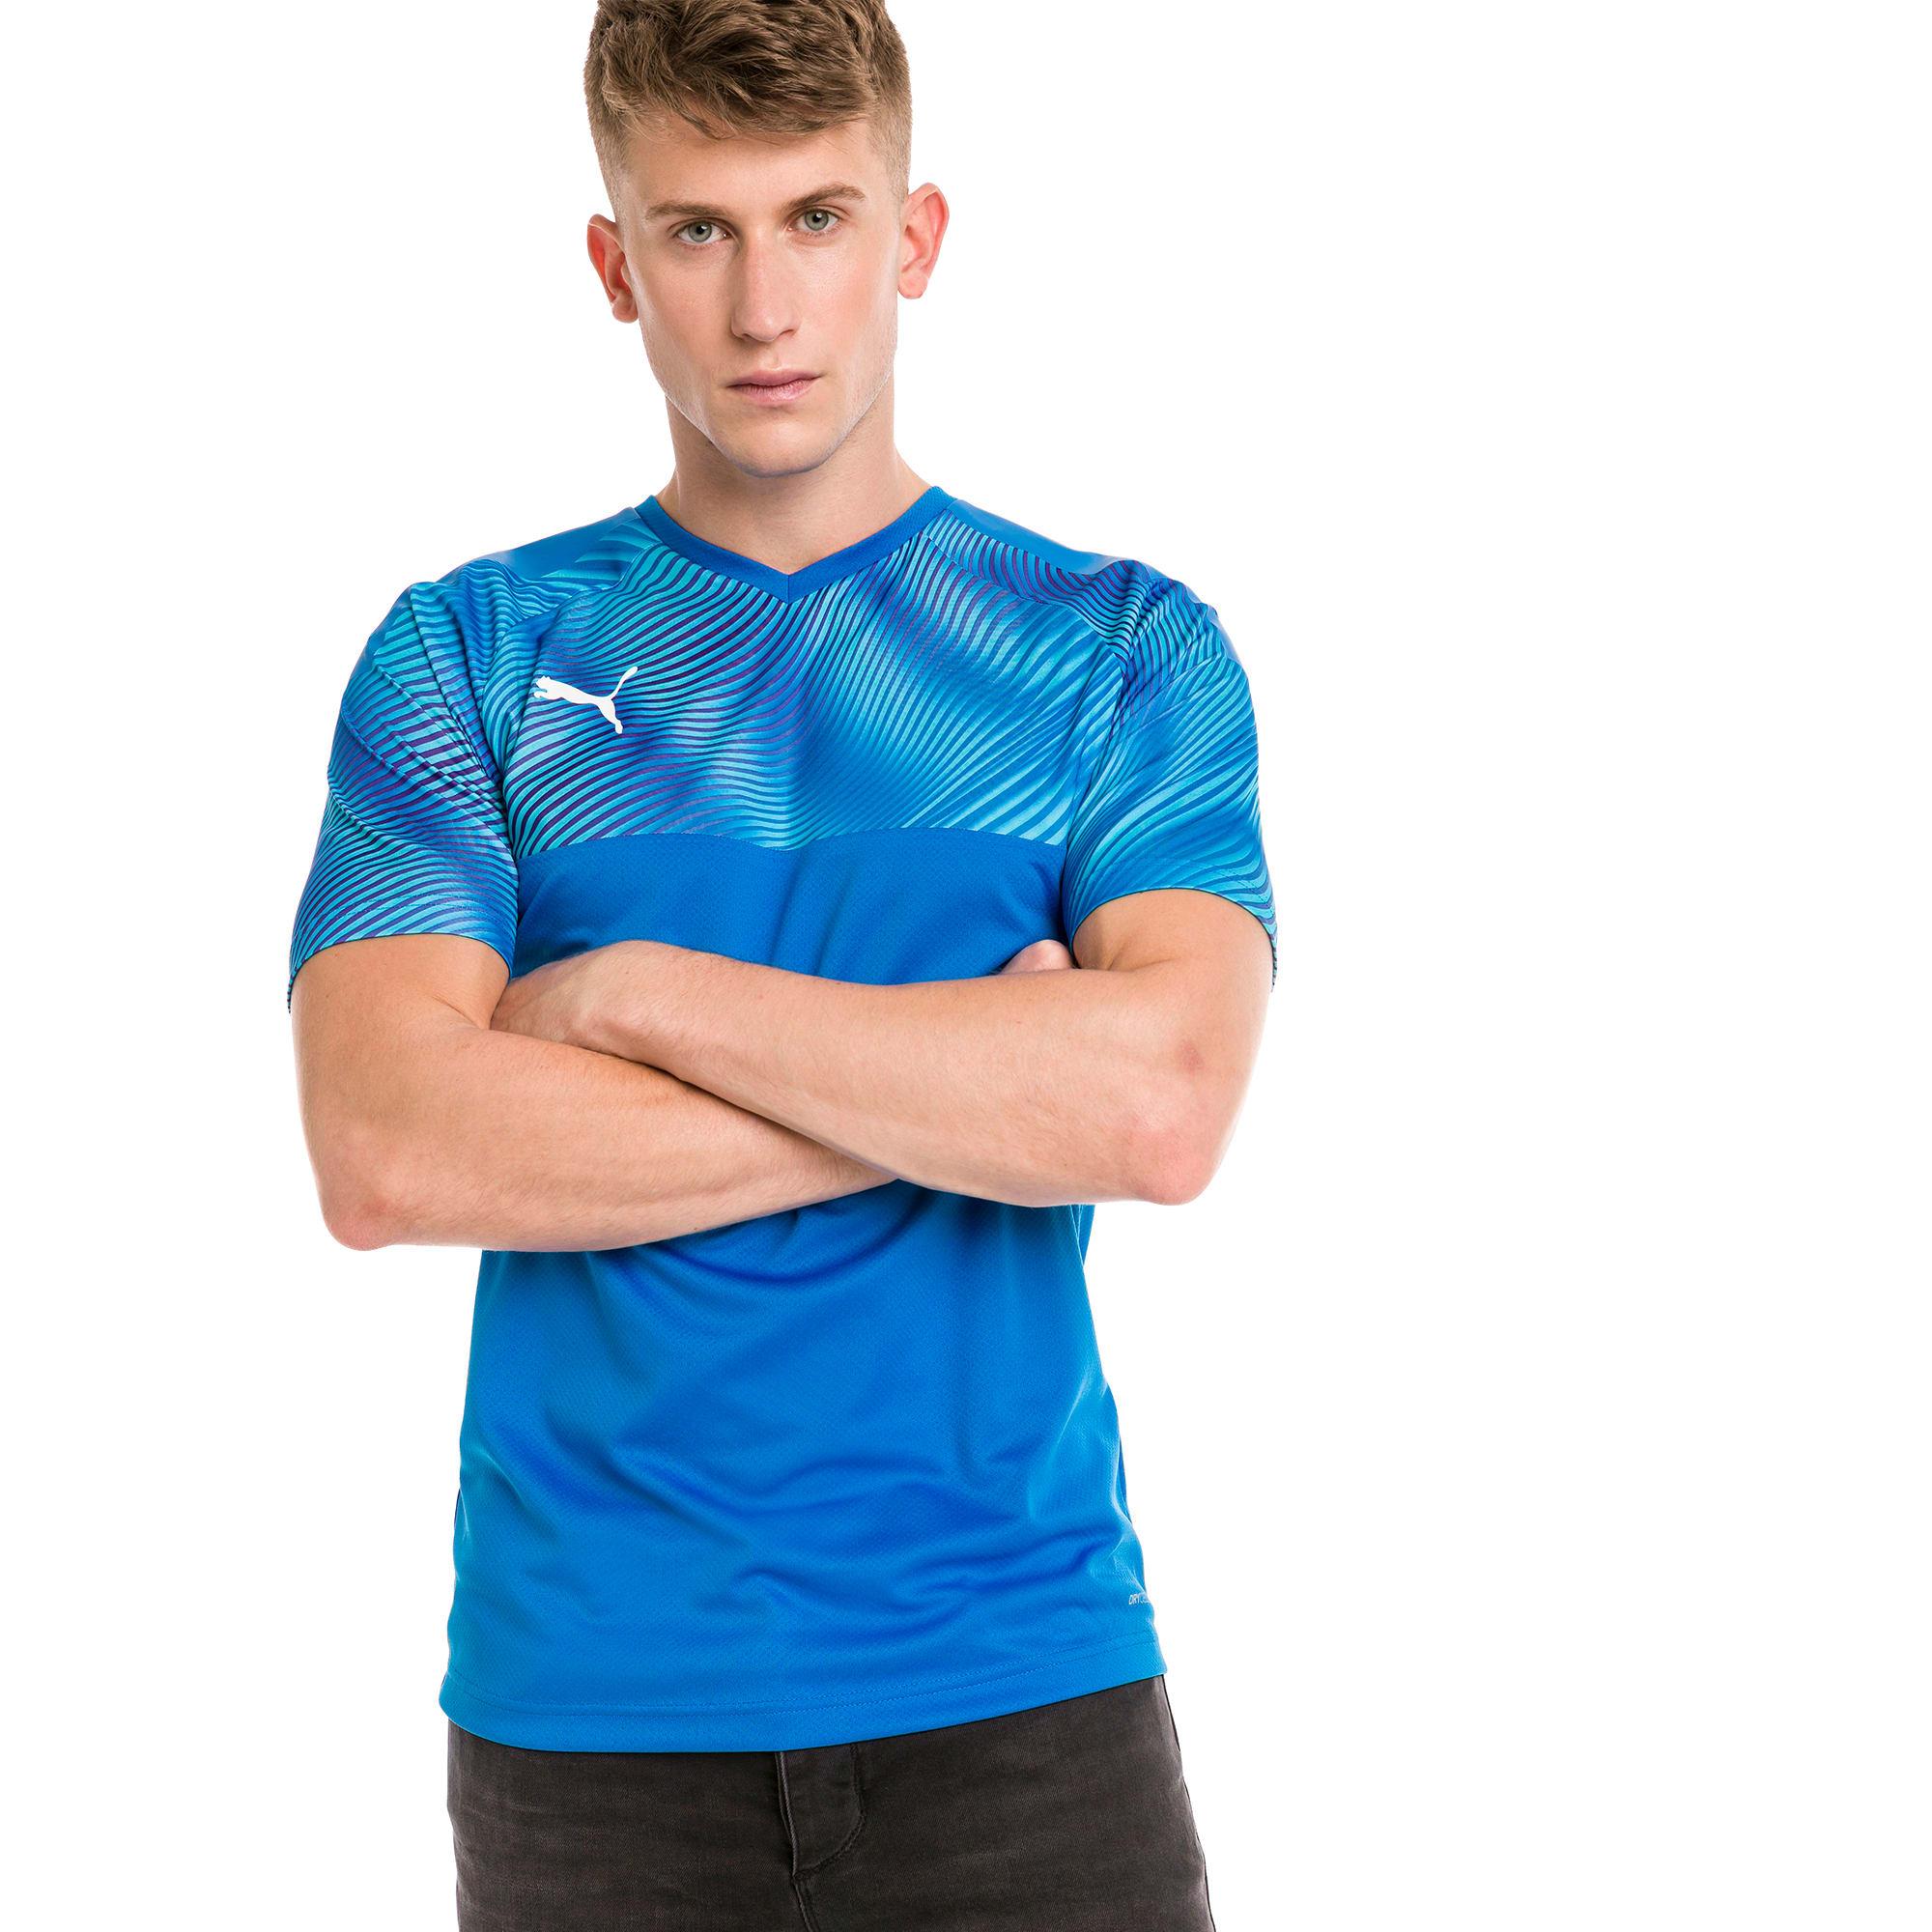 PUMA Maillot Football CUP pour Homme, Bleu, Taille XS, Vêtements